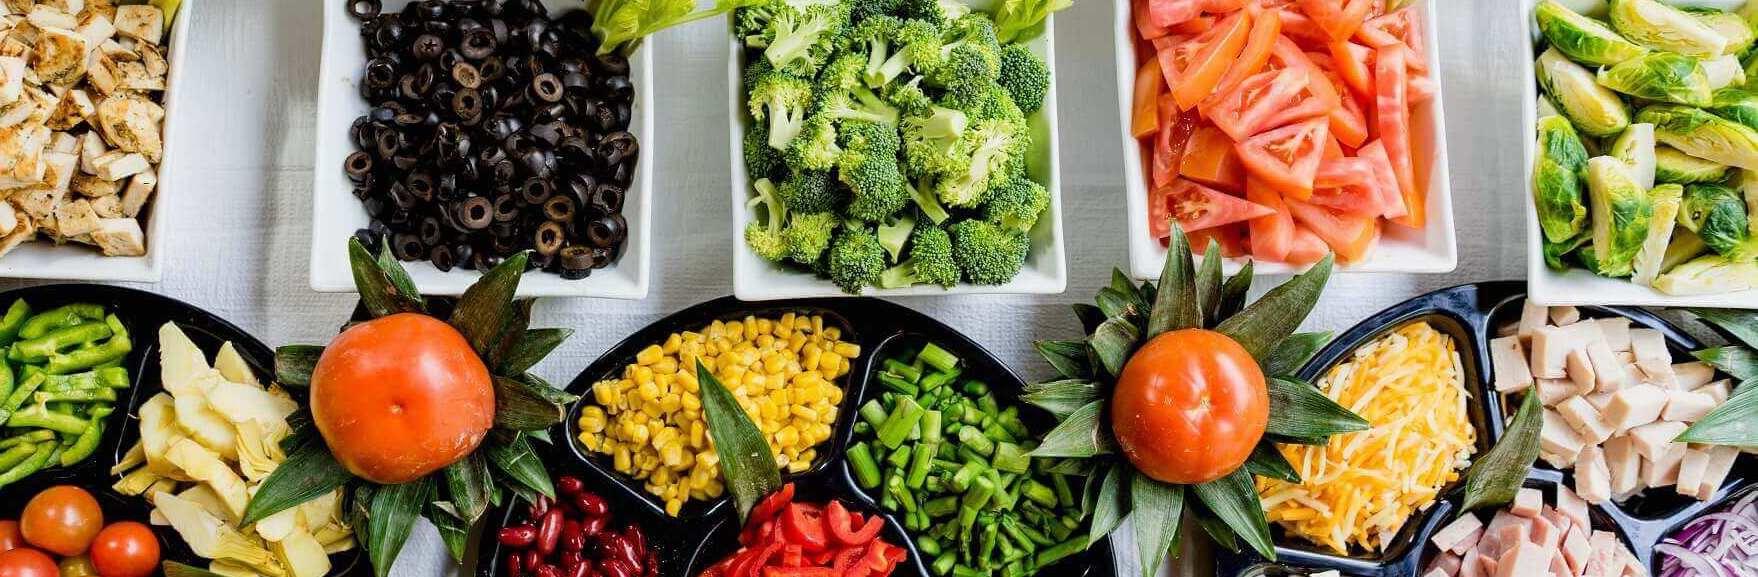 Tafel vol met groenten